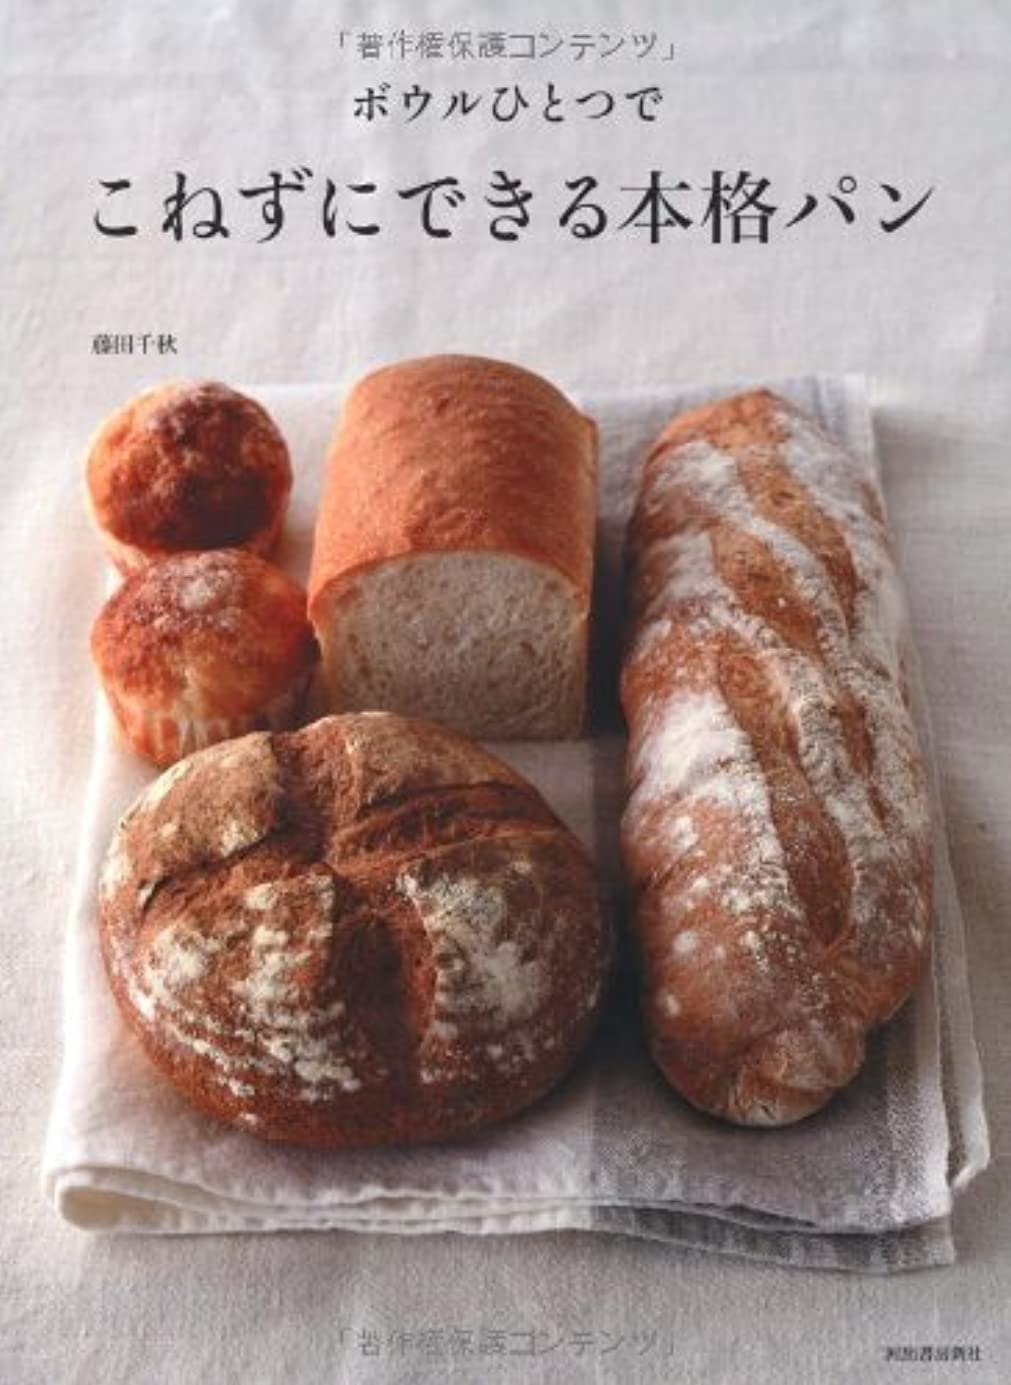 究極の便利さ決済ボウルひとつで こねずにできる本格パン